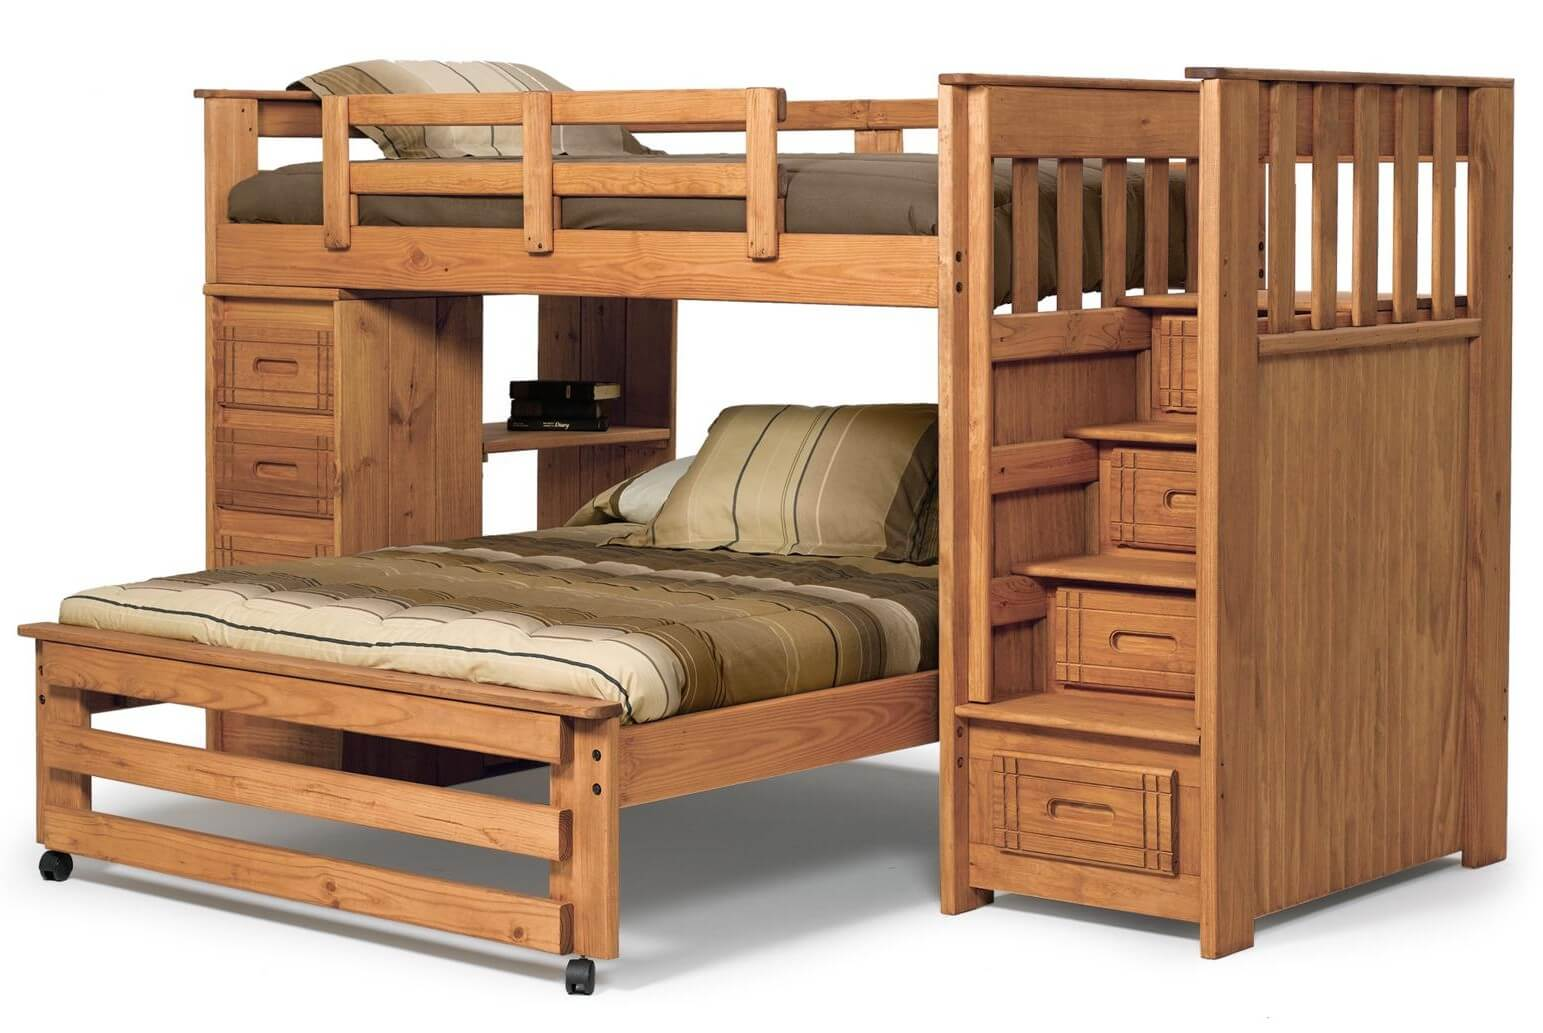 Как сделать двухъярусную кровать своими руками из бруса 30